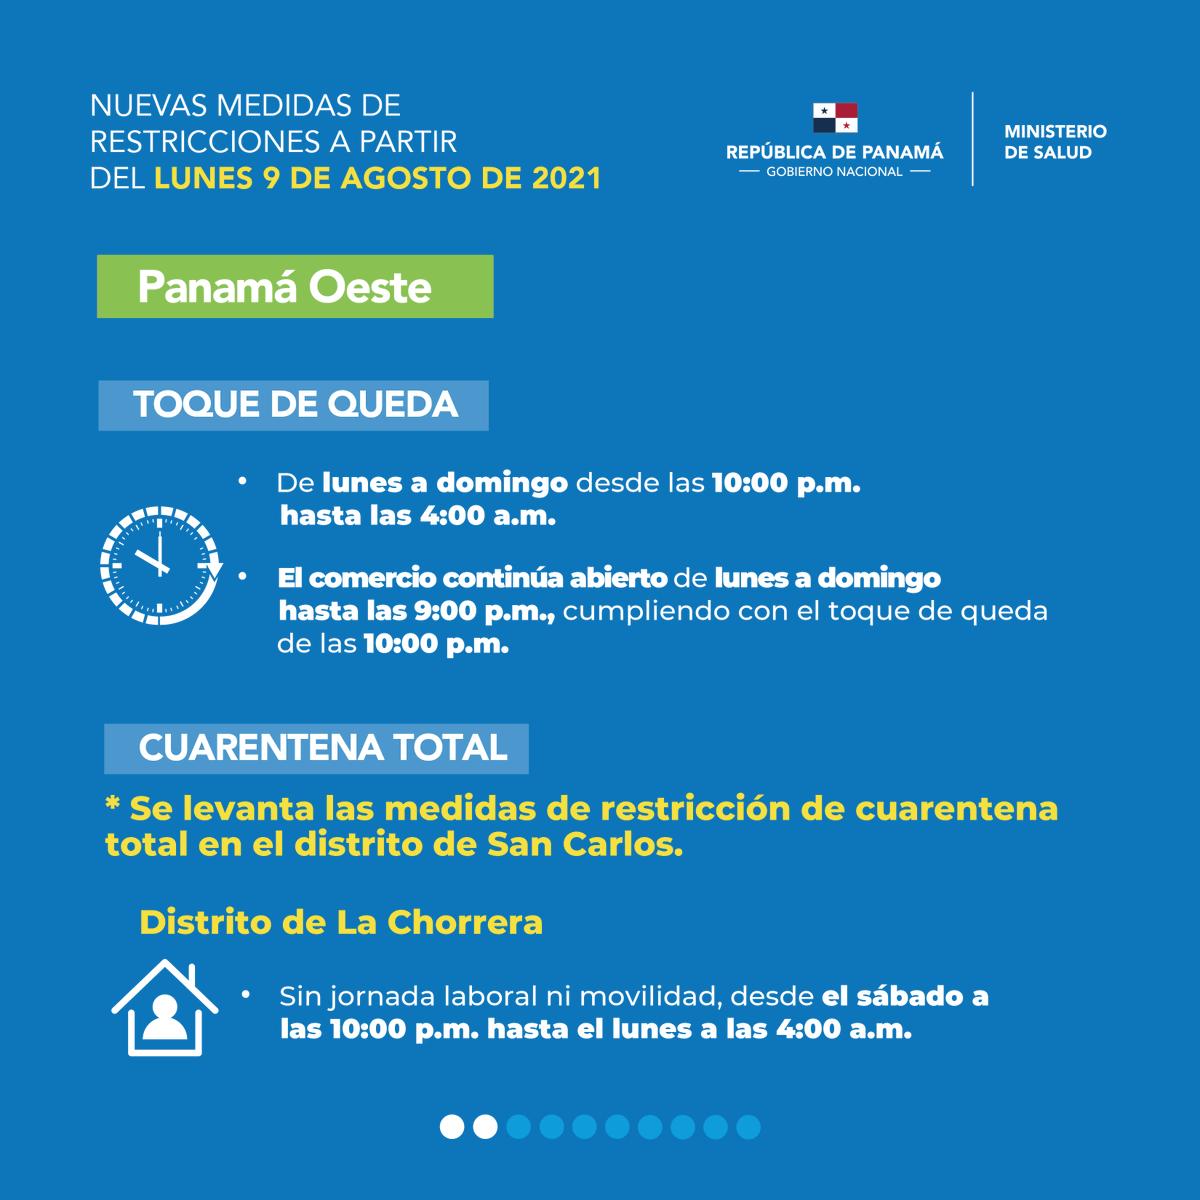 Ministerio De Salud De Panama On Twitter Nuevas Medidas Que Empezaran A Regir A Partir Del 9 De Agosto De 2021 Para La Contencion Del Covid19 En Nuestro Pais Parte 1 Protegetepanama